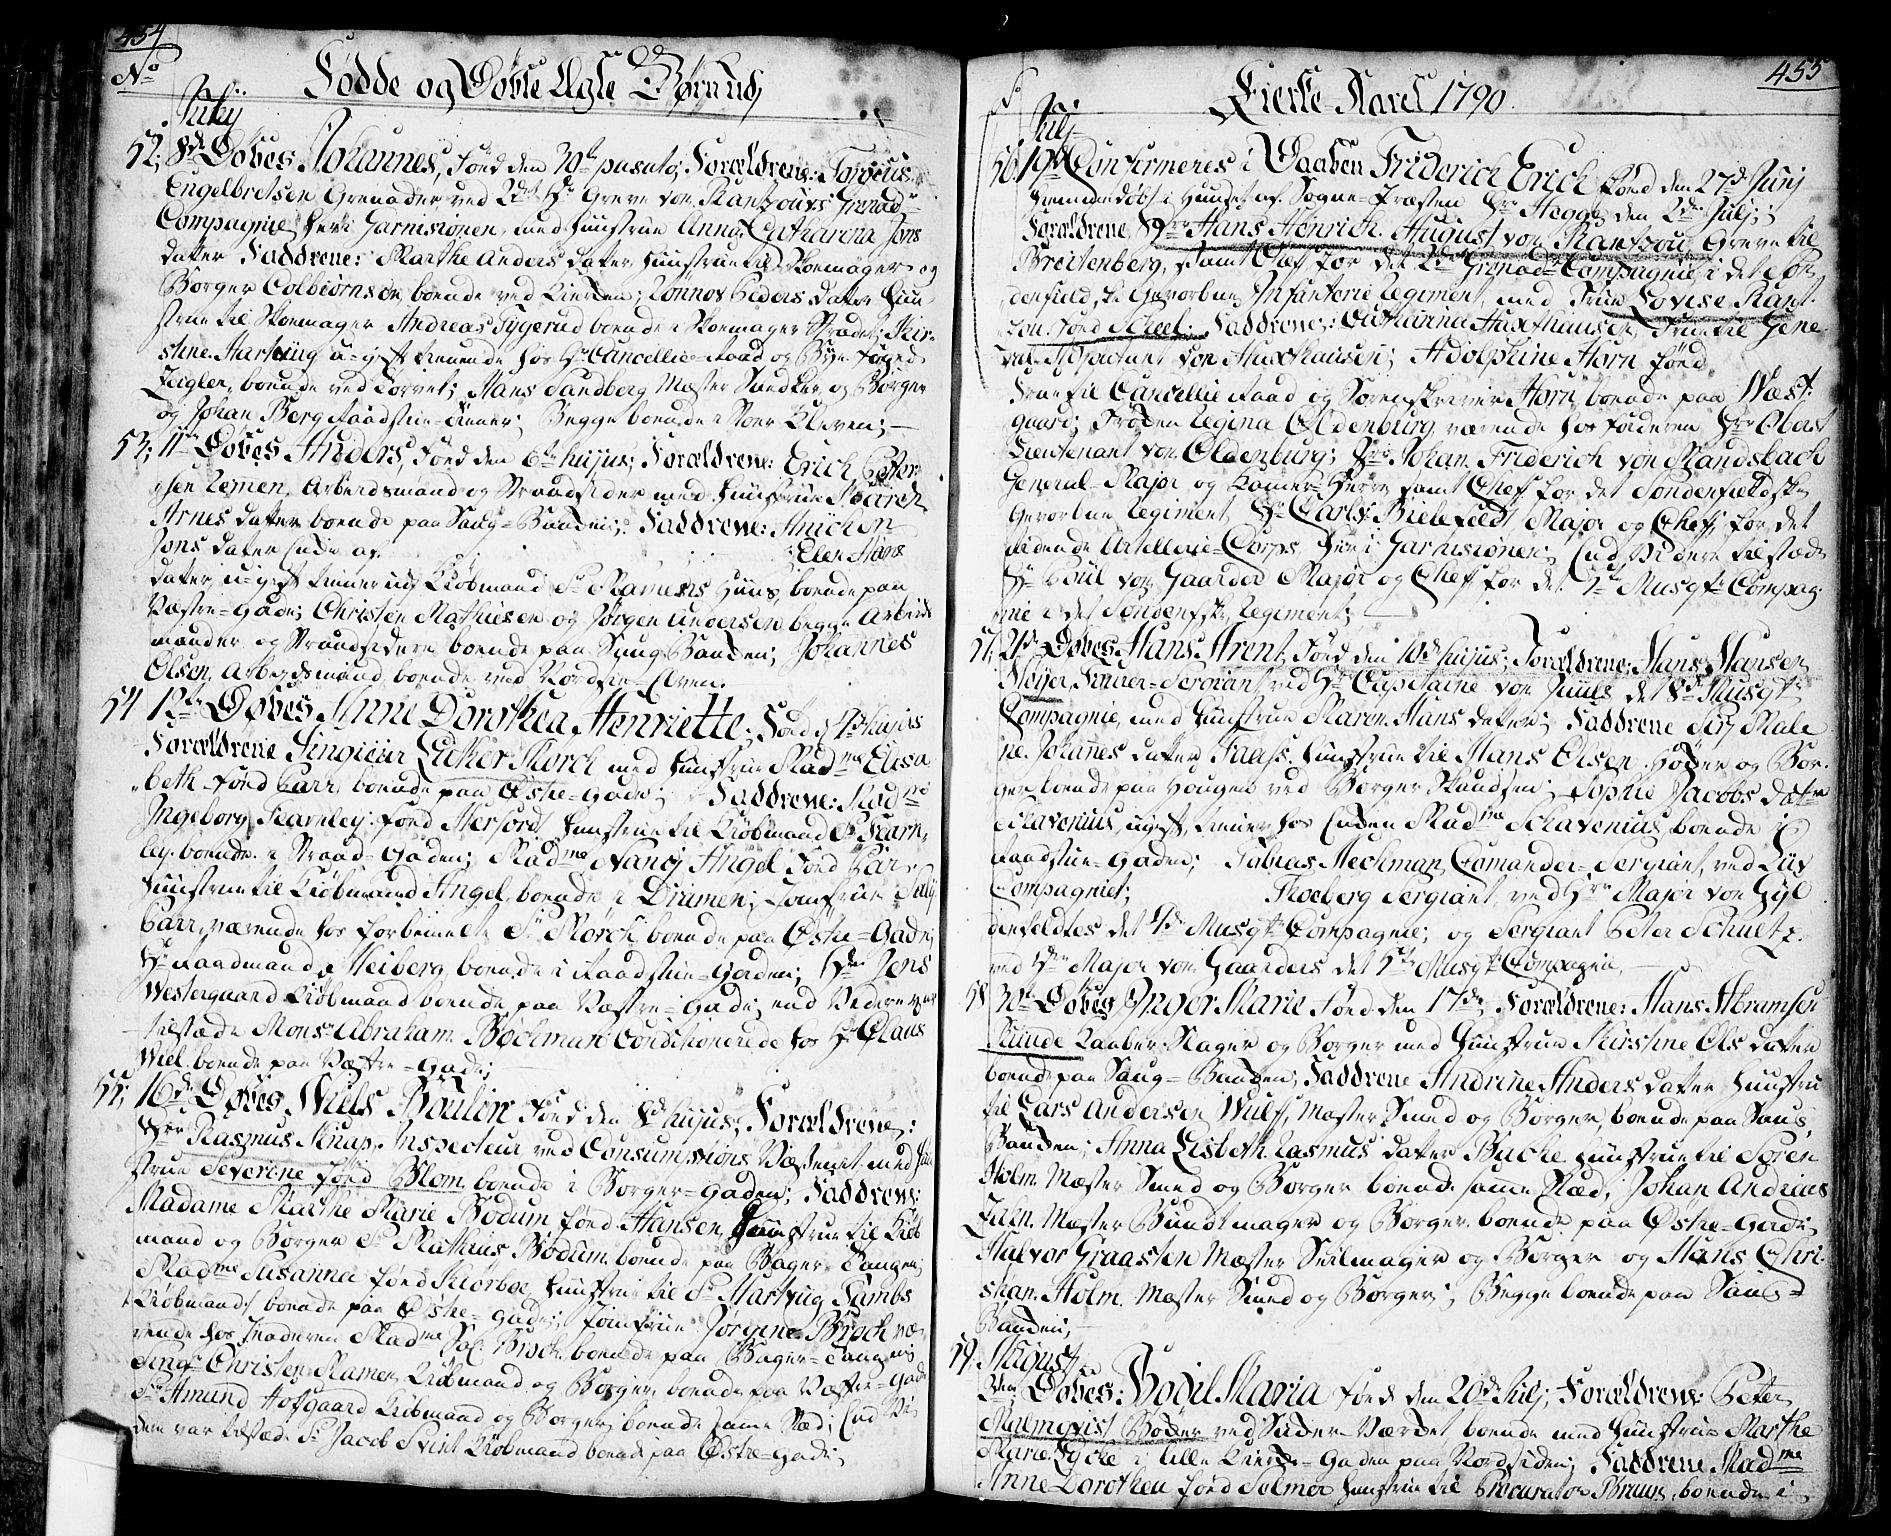 SAO, Halden prestekontor Kirkebøker, F/Fa/L0001: Ministerialbok nr. I 1, 1758-1791, s. 454-455